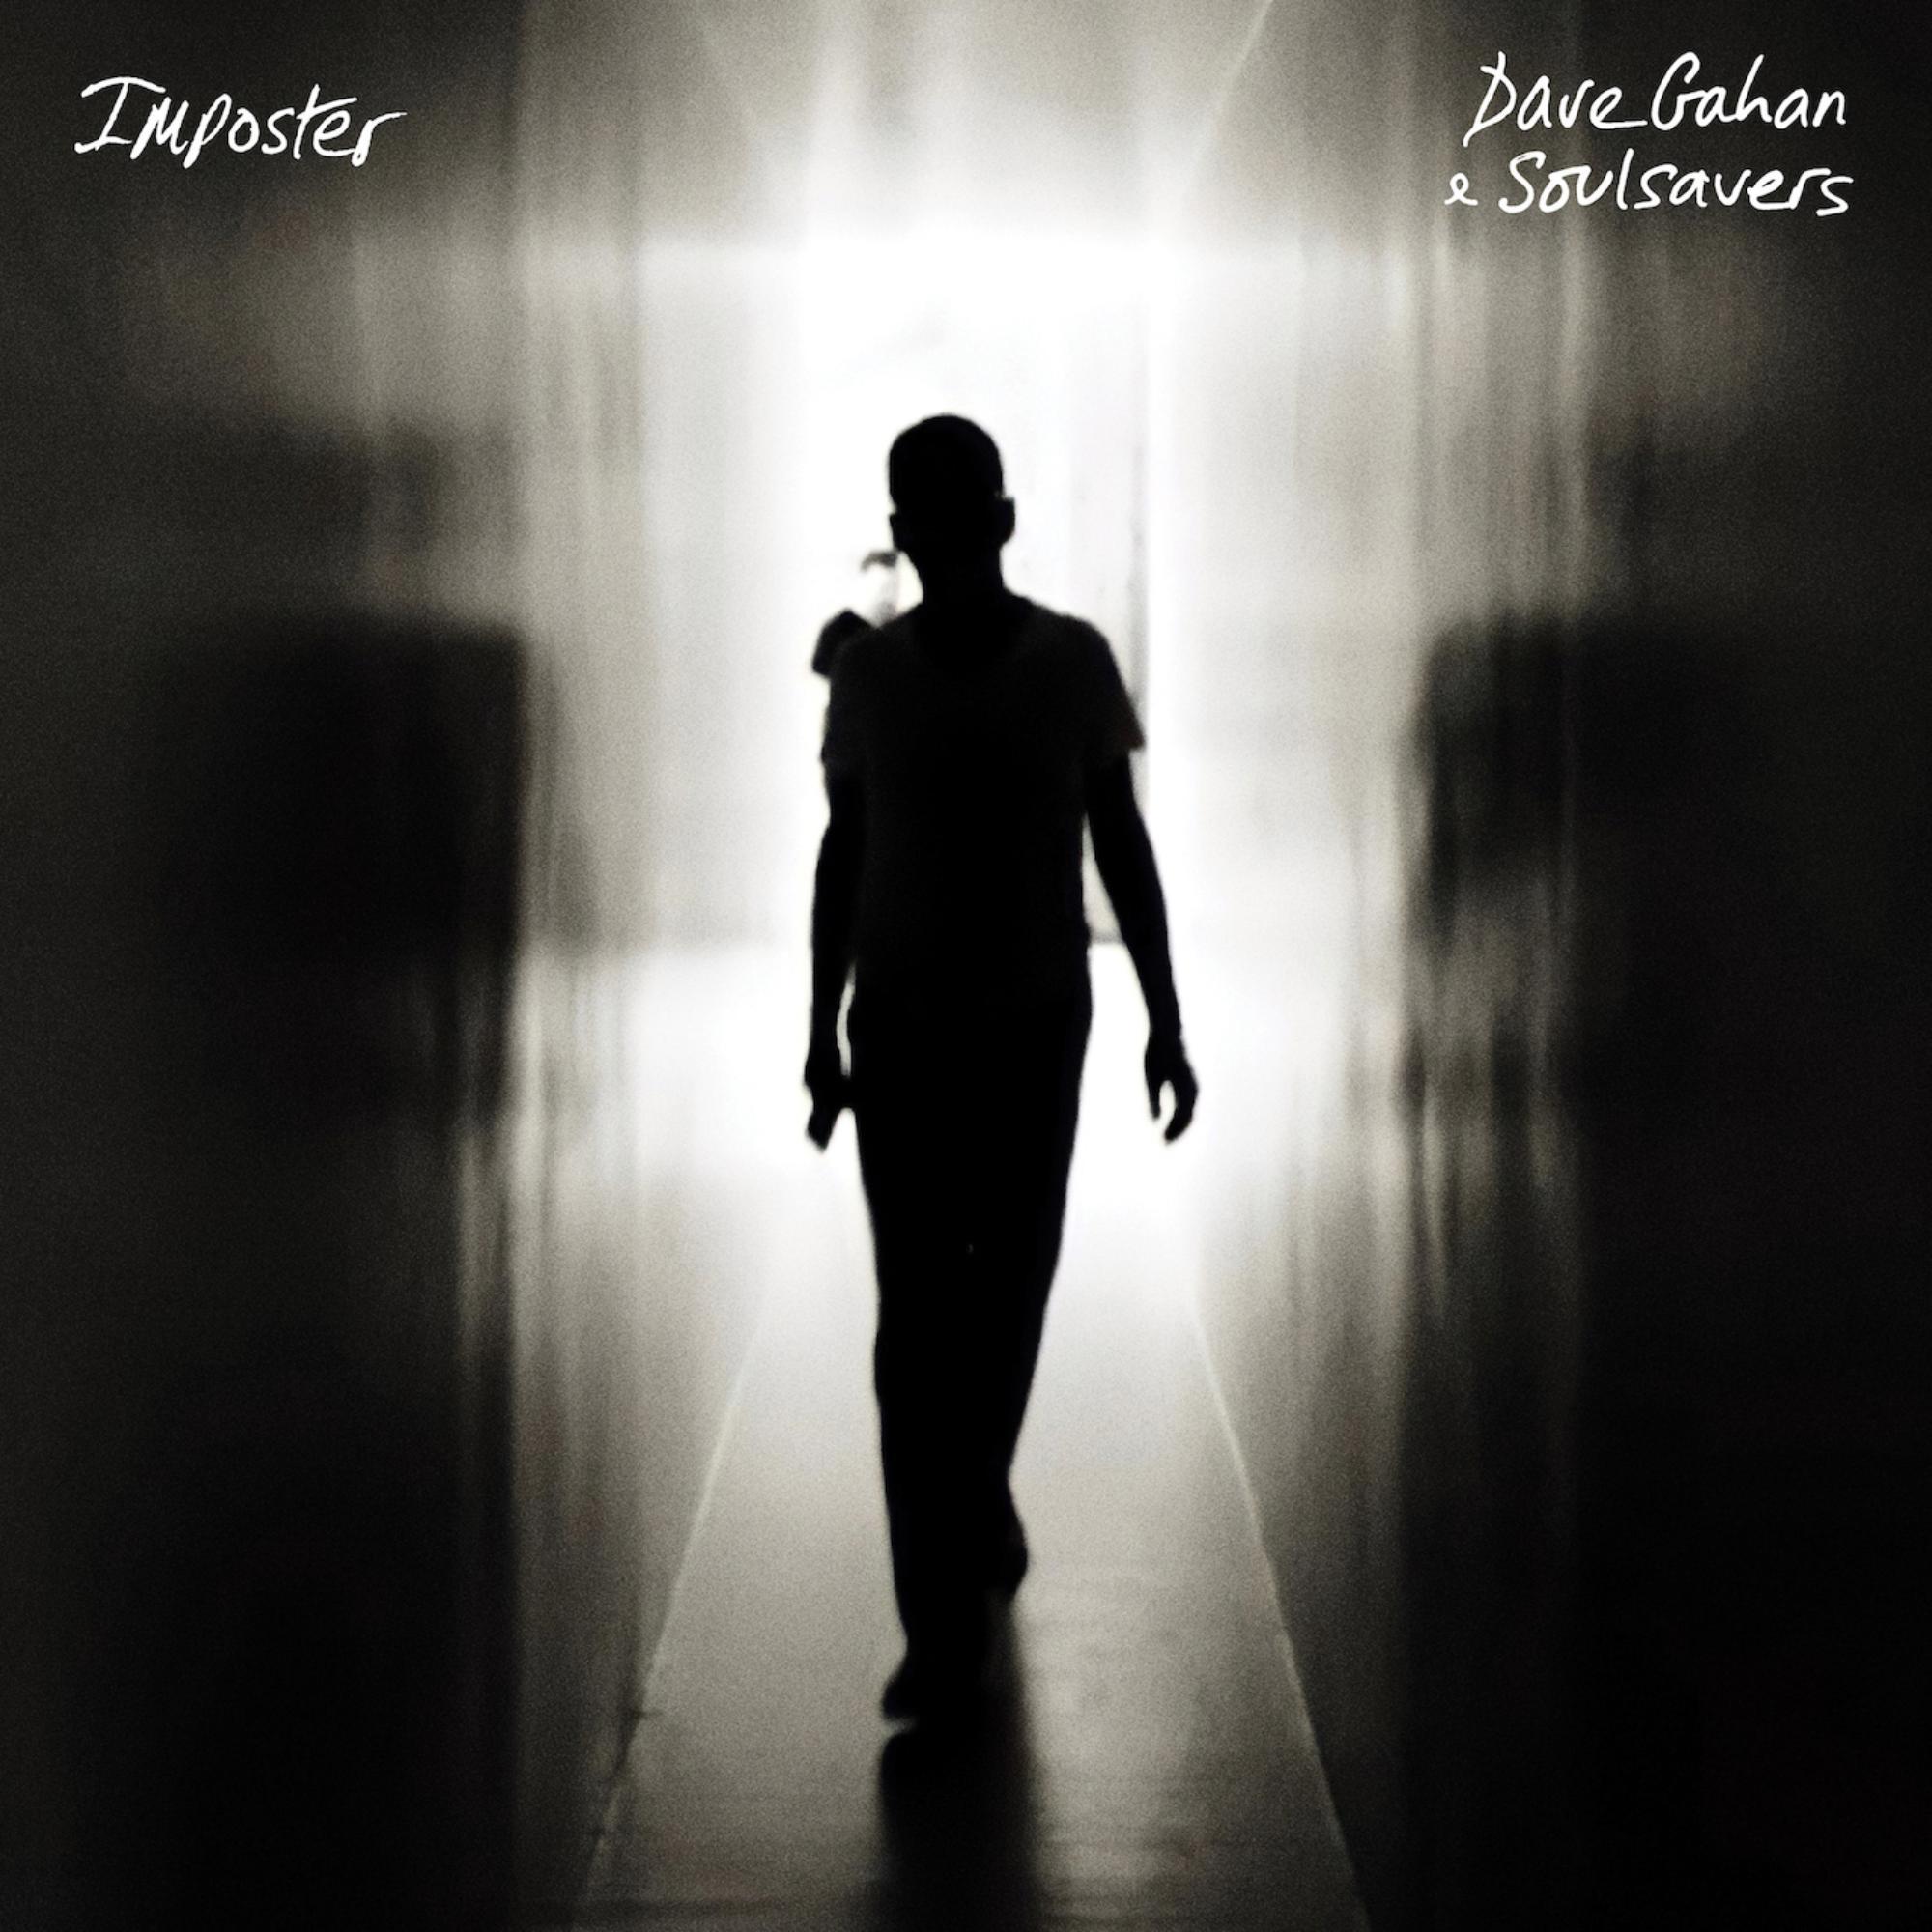 'Imposter' album artwork